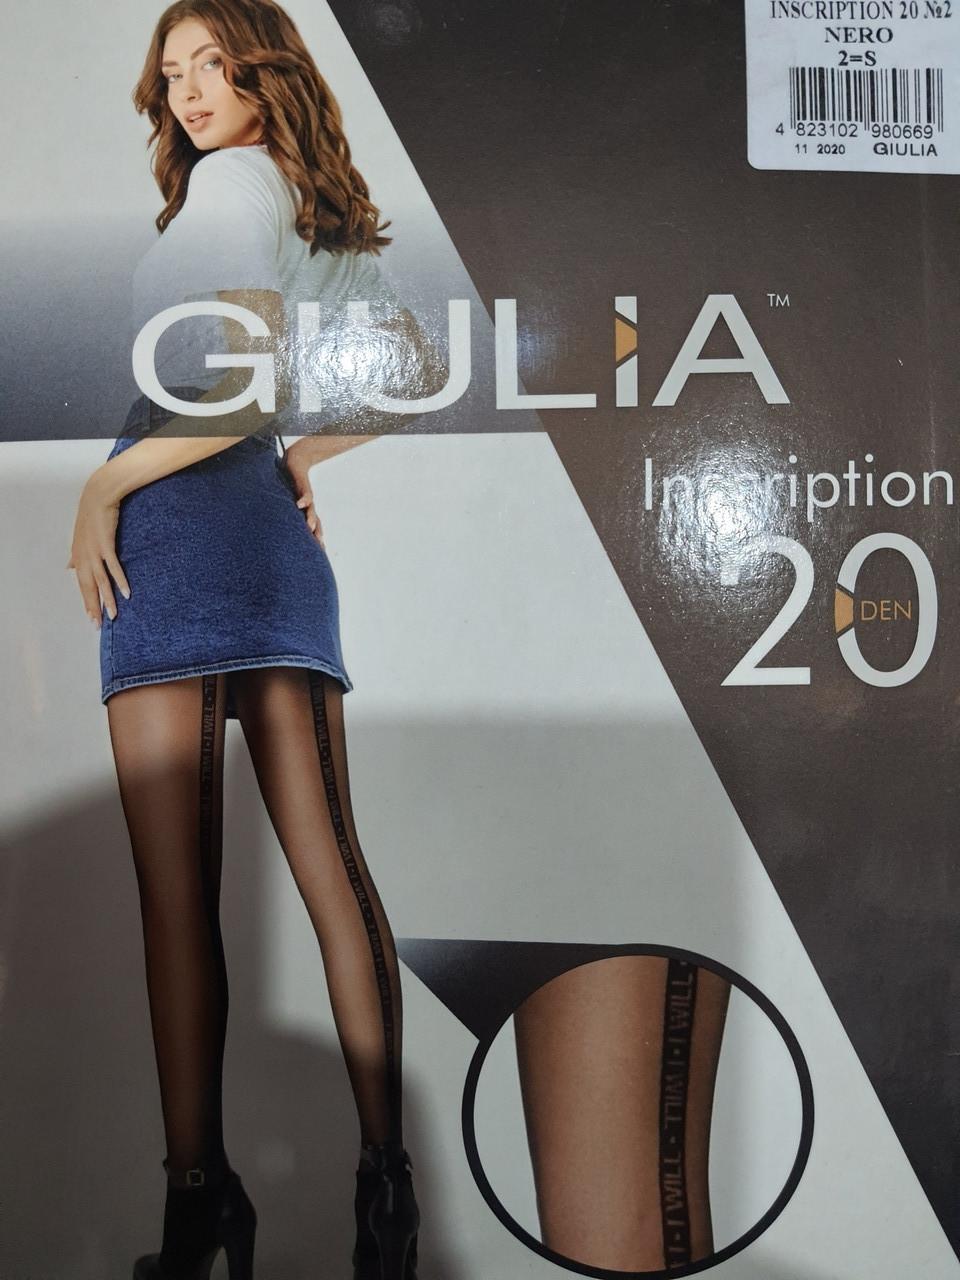 """Фантазійні жіночі колготки з надписом """"I WILL"""" INSCRIPTION 20 ТМ Giulia"""